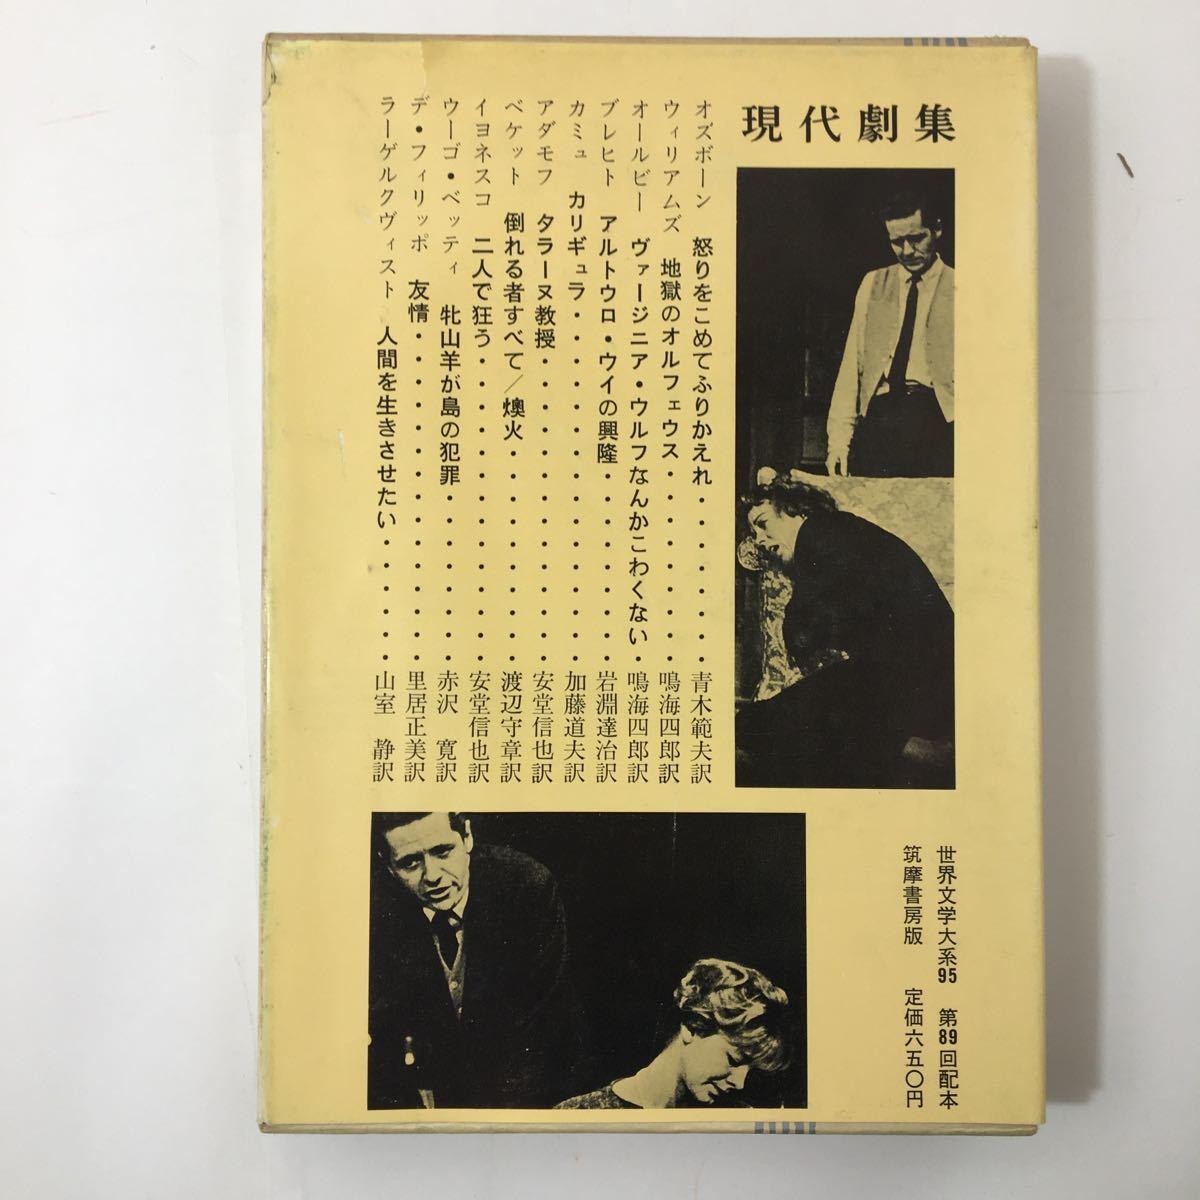 『世界文学大系95』現代劇集 (1965年)怒りをこめてふりかえれ・地獄のオルフェウス・ヴァージニア・他 月報付 筑摩書房